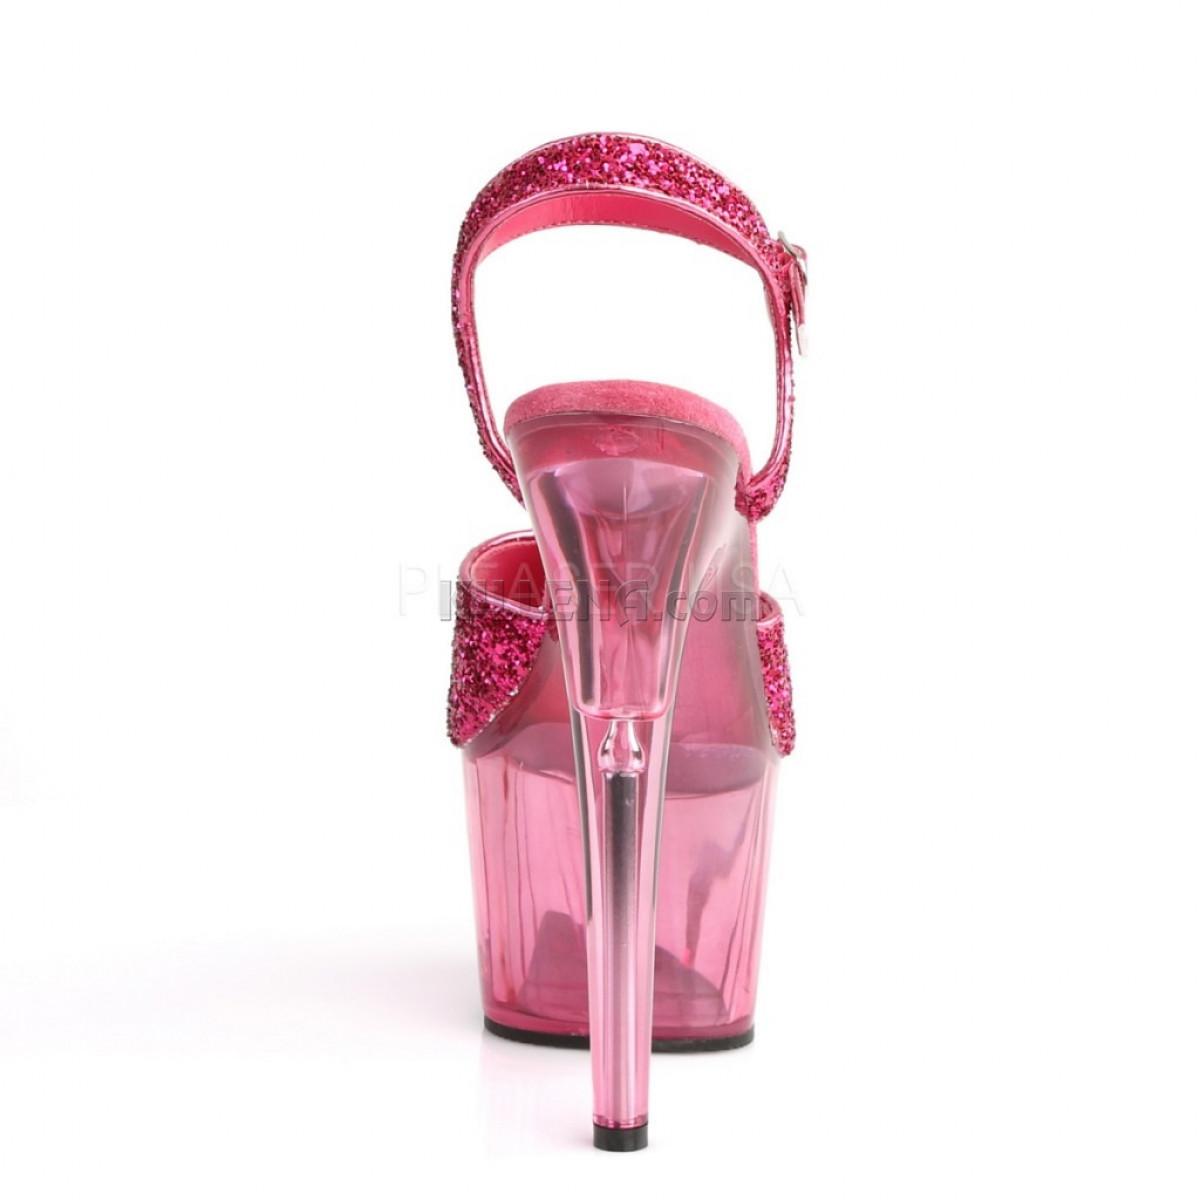 Ярко-розовые босоножки с тонированной платформой,верх в блёстках